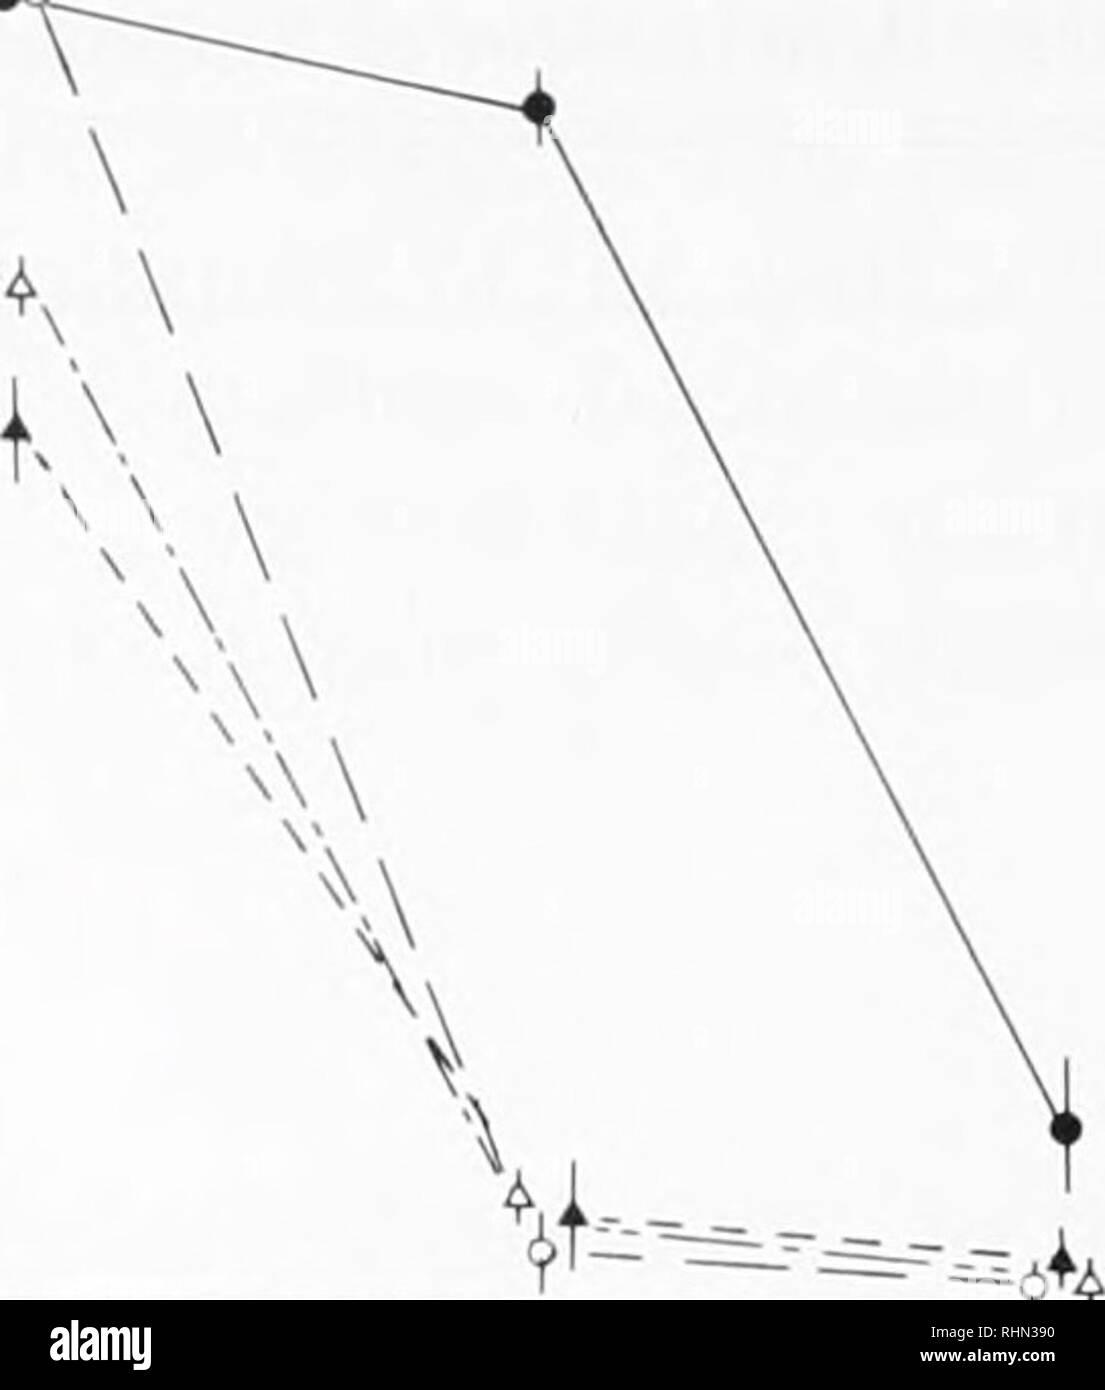 . Die biologische Bulletin. Biologie; Zoologie; Biologie; Meeresbiologie. Entwicklung der SPRÖDE-STAR 135% 50 - ? FM elevation Tarif o HL formation Rate eine Spaltung Preis * Schlupfrate. u 1234 STUNDEN NACH DEM LAICHEN ABBILDUNG 3. Beziehung zwischen der Fähigkeit des Eies normal entwickeln und zum Zeitpunkt der Besamung nach der Laichzeit bei 23 °C beträgt. Messung wurde drei Mal gemacht und etwa 100 Eier waren bei jeder Messung untersucht. Mittelwert ± Standardabweichung. FM*, Düngung Membran; HL**, Hyaline Layer. Zelllinie. Aufeinanderfolgende Divisionen treten bei ca. 40-min-Abständen, wodurch ein spherica Stockbild